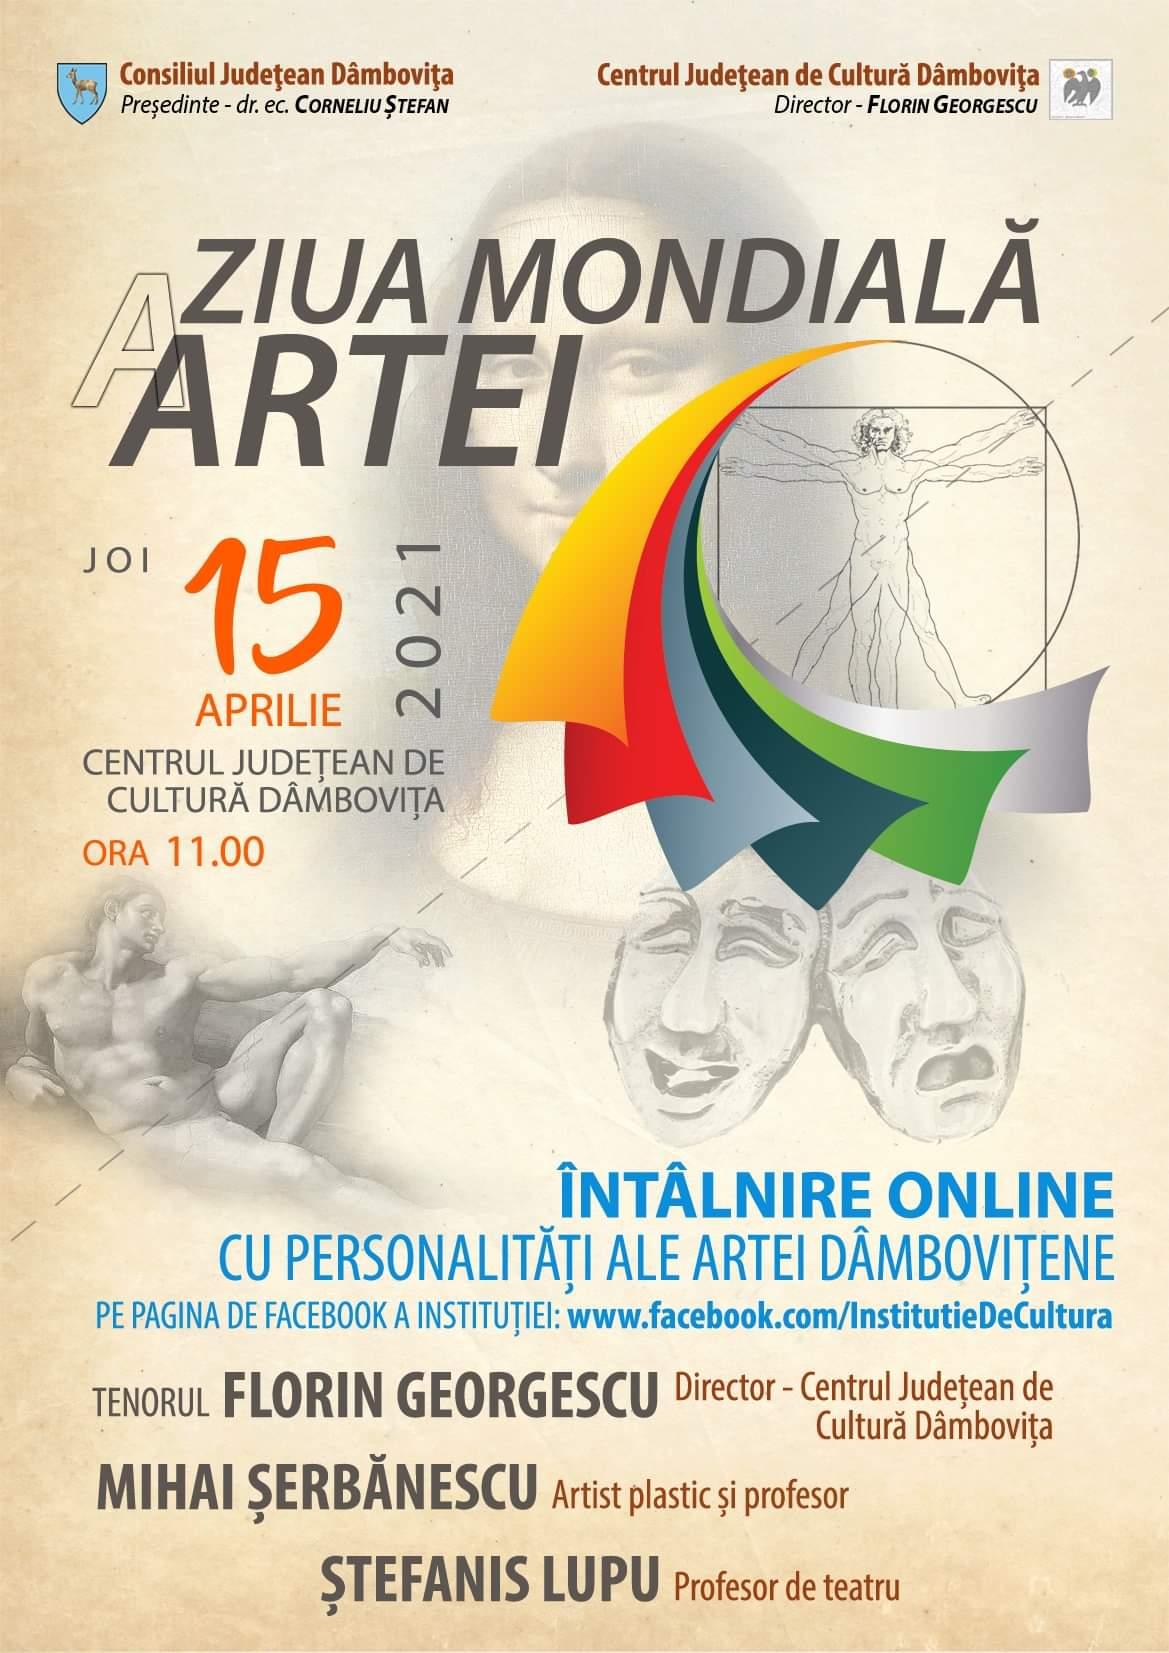 În fiecare an, pe data de 15 aprilie este marcată Ziua Mondială a Artei